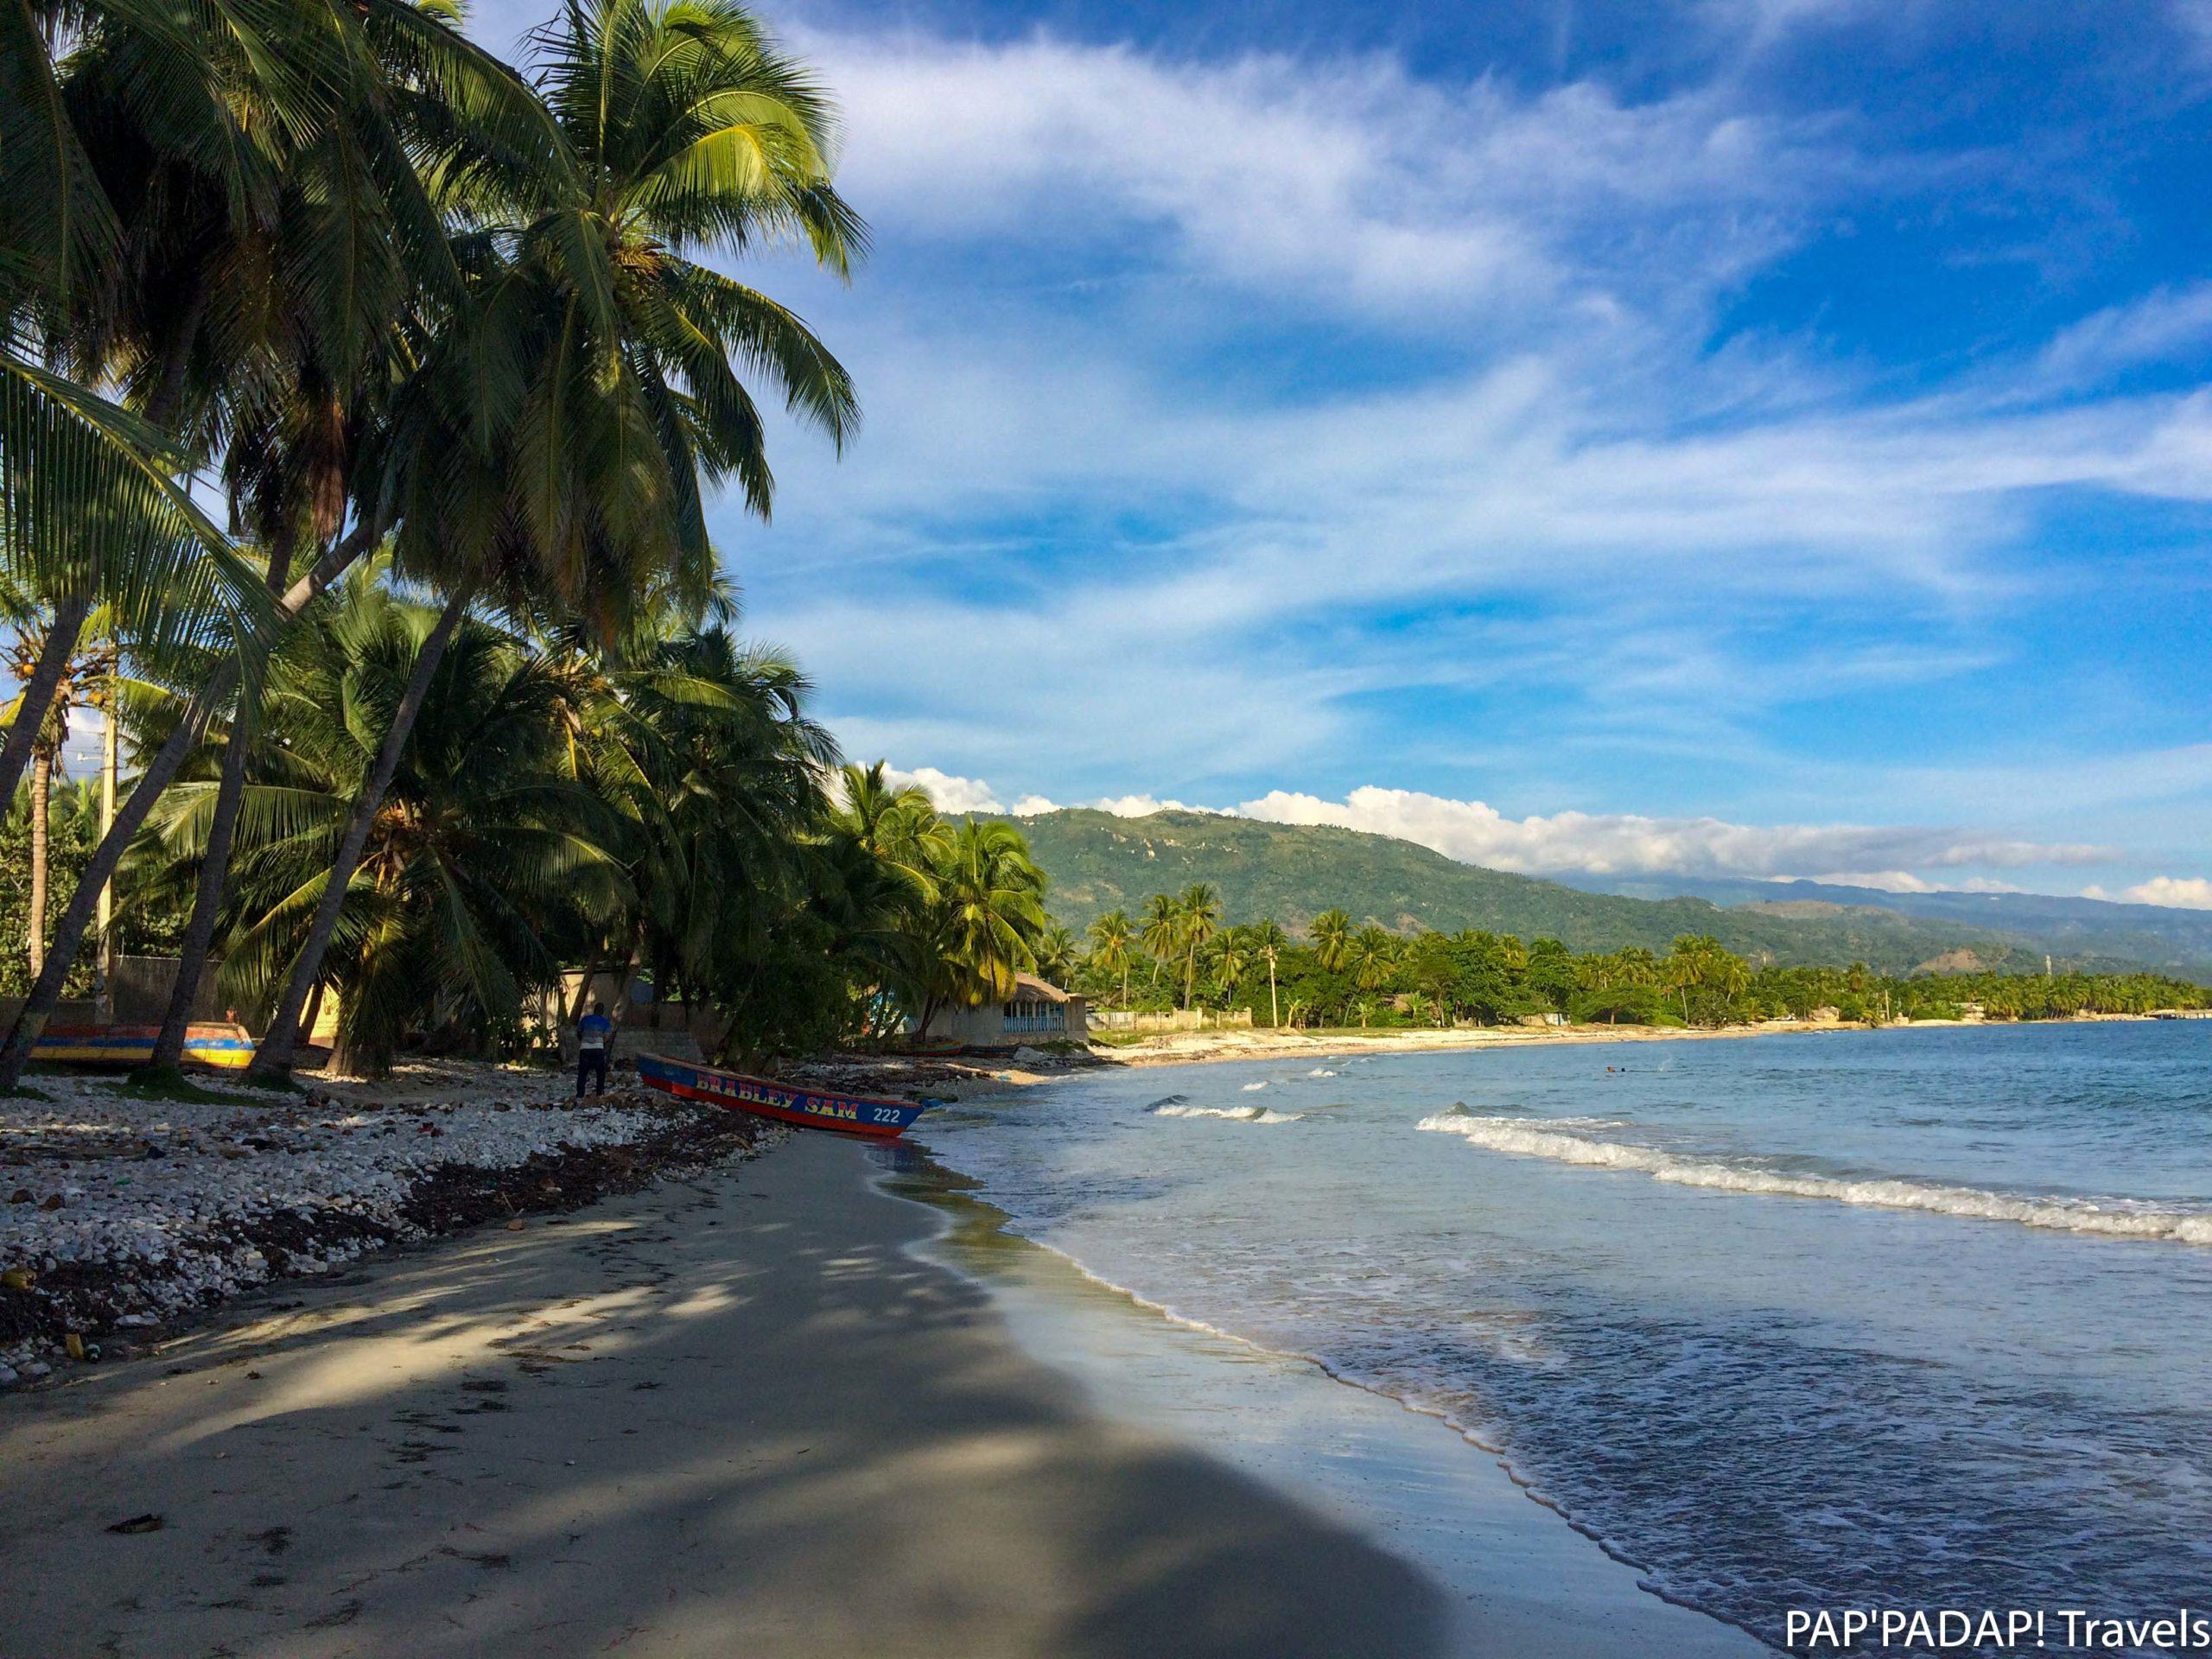 Plage Bananier Beach - Petit Goave - Ouest - Haiti